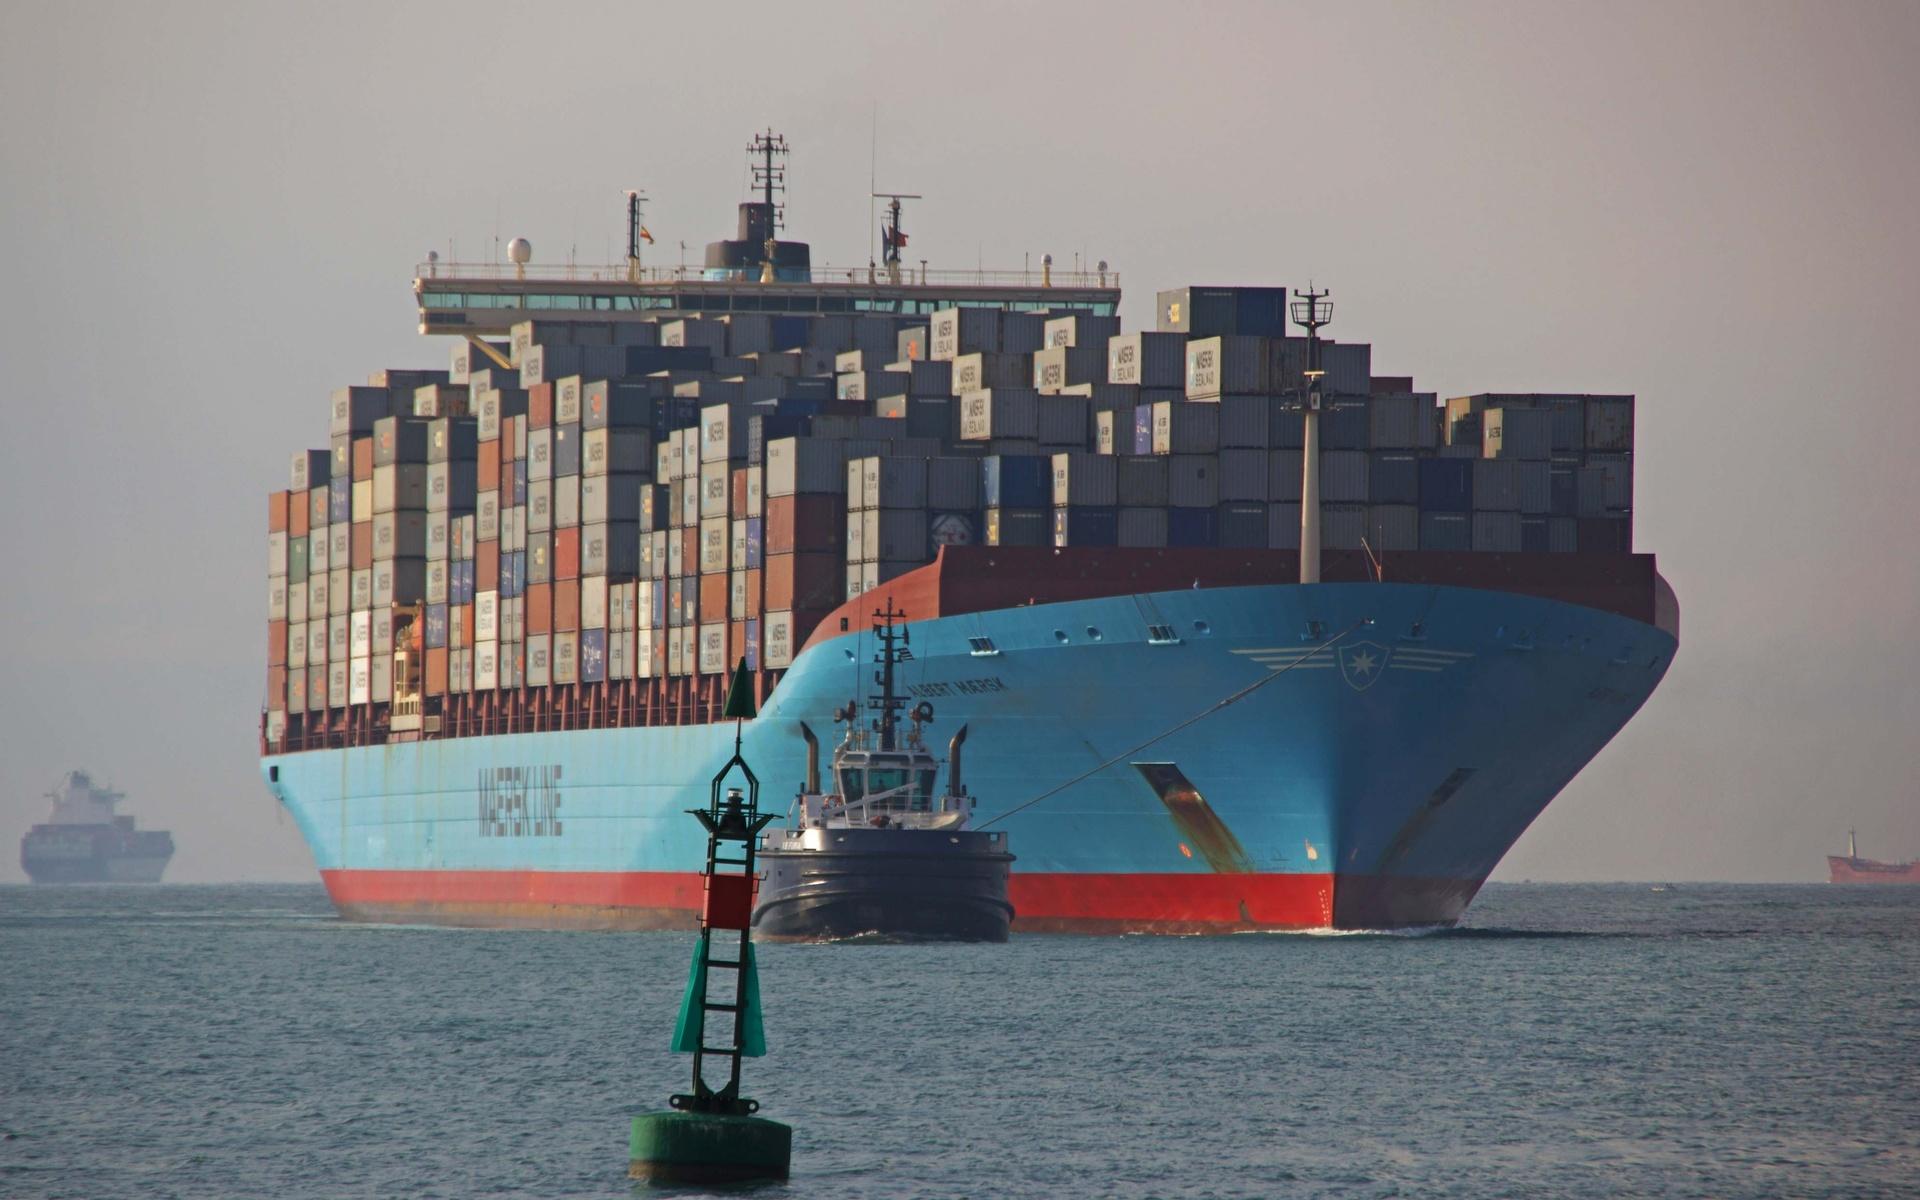 Самые большие грузовые корабли в мире в мире. Фото